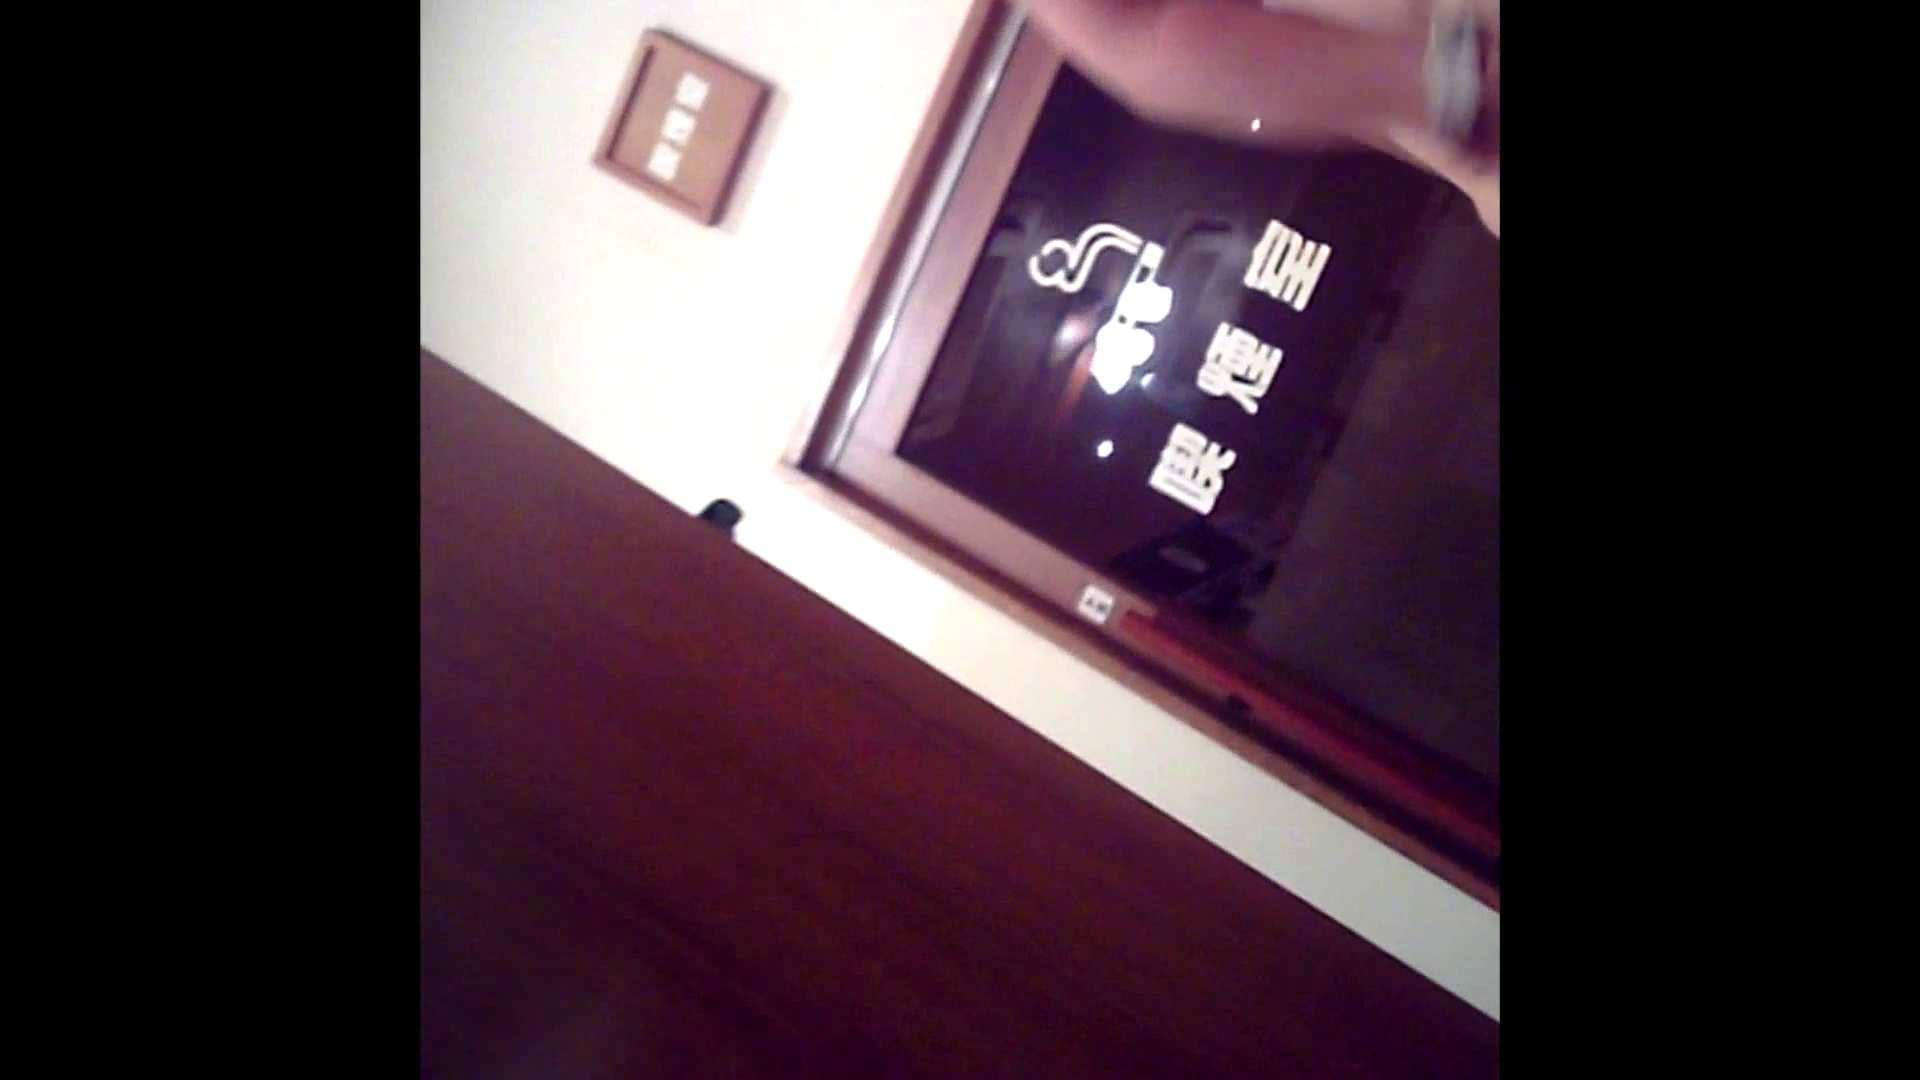 普段の貴方を隠し撮り Vol.01 流出特集 | 着替えシーン ゲイフェラチオ画像 108枚 106